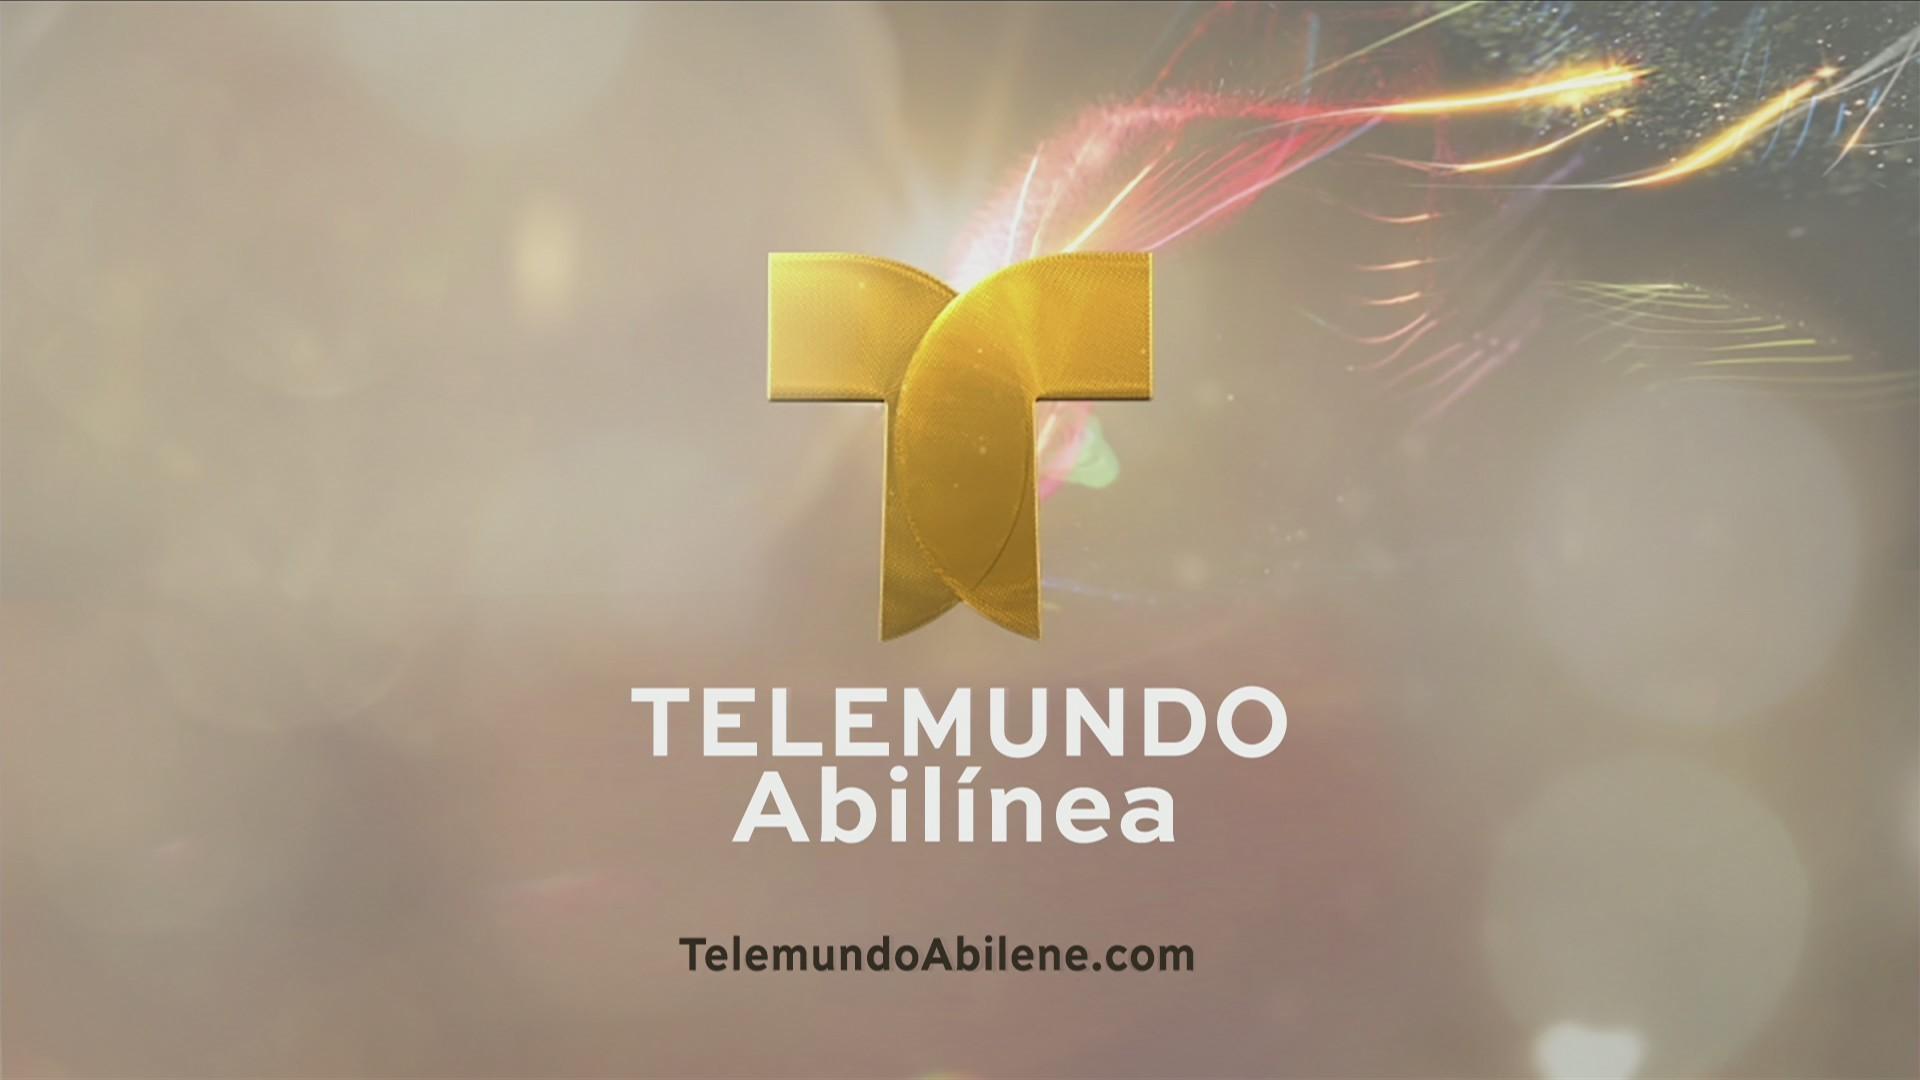 Telemundo Abilínea - 14 de mayo, 2019